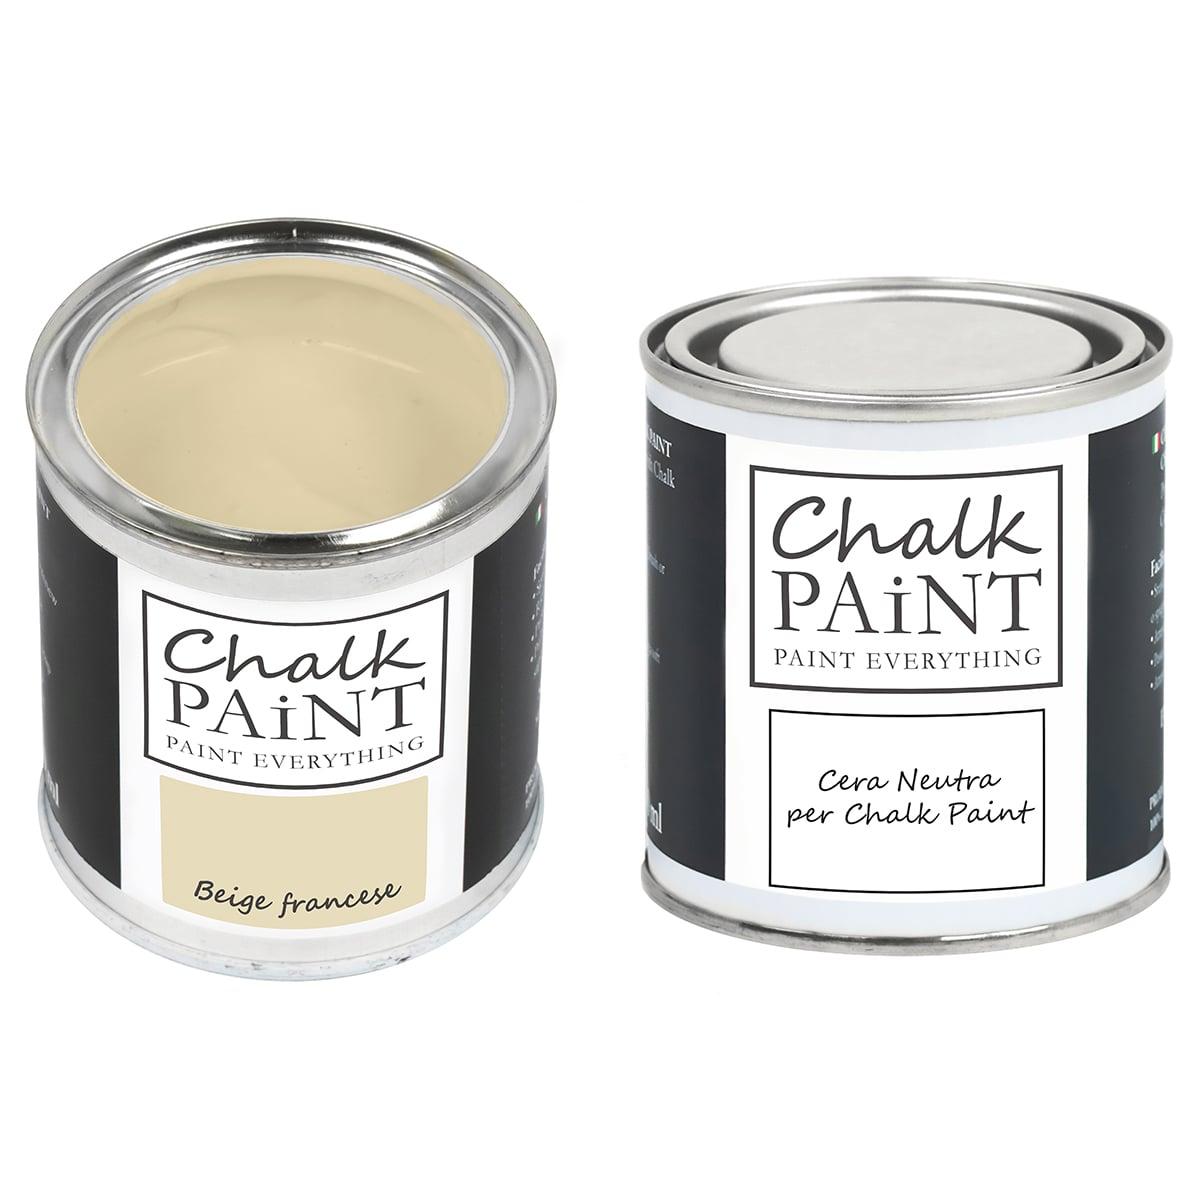 Beige francese Chalk paint e cera in offerta decora facile con paint magic